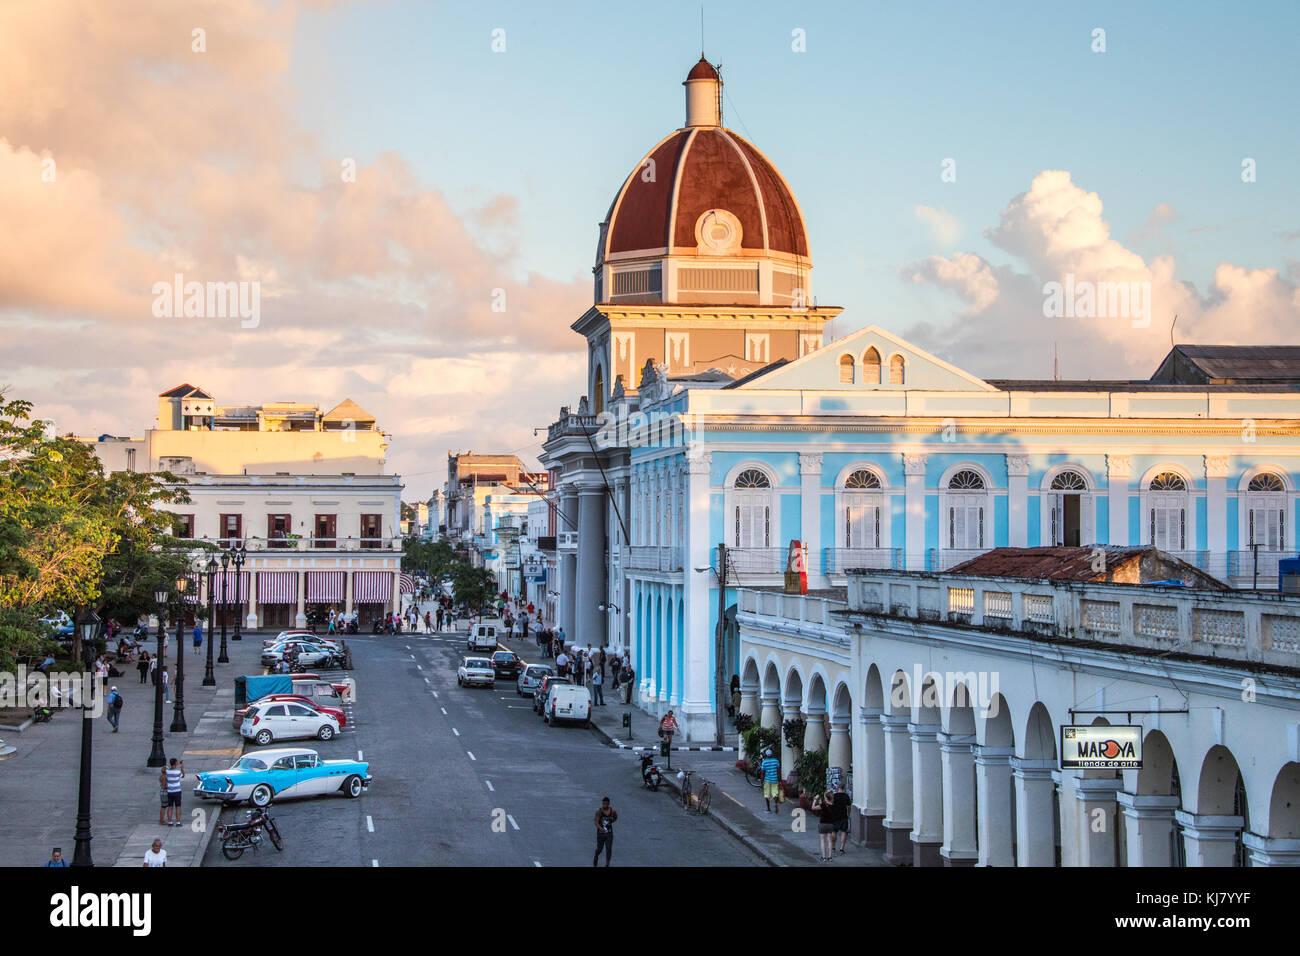 Palacio de Regierung, Cienfuegos, Kuba Stockbild